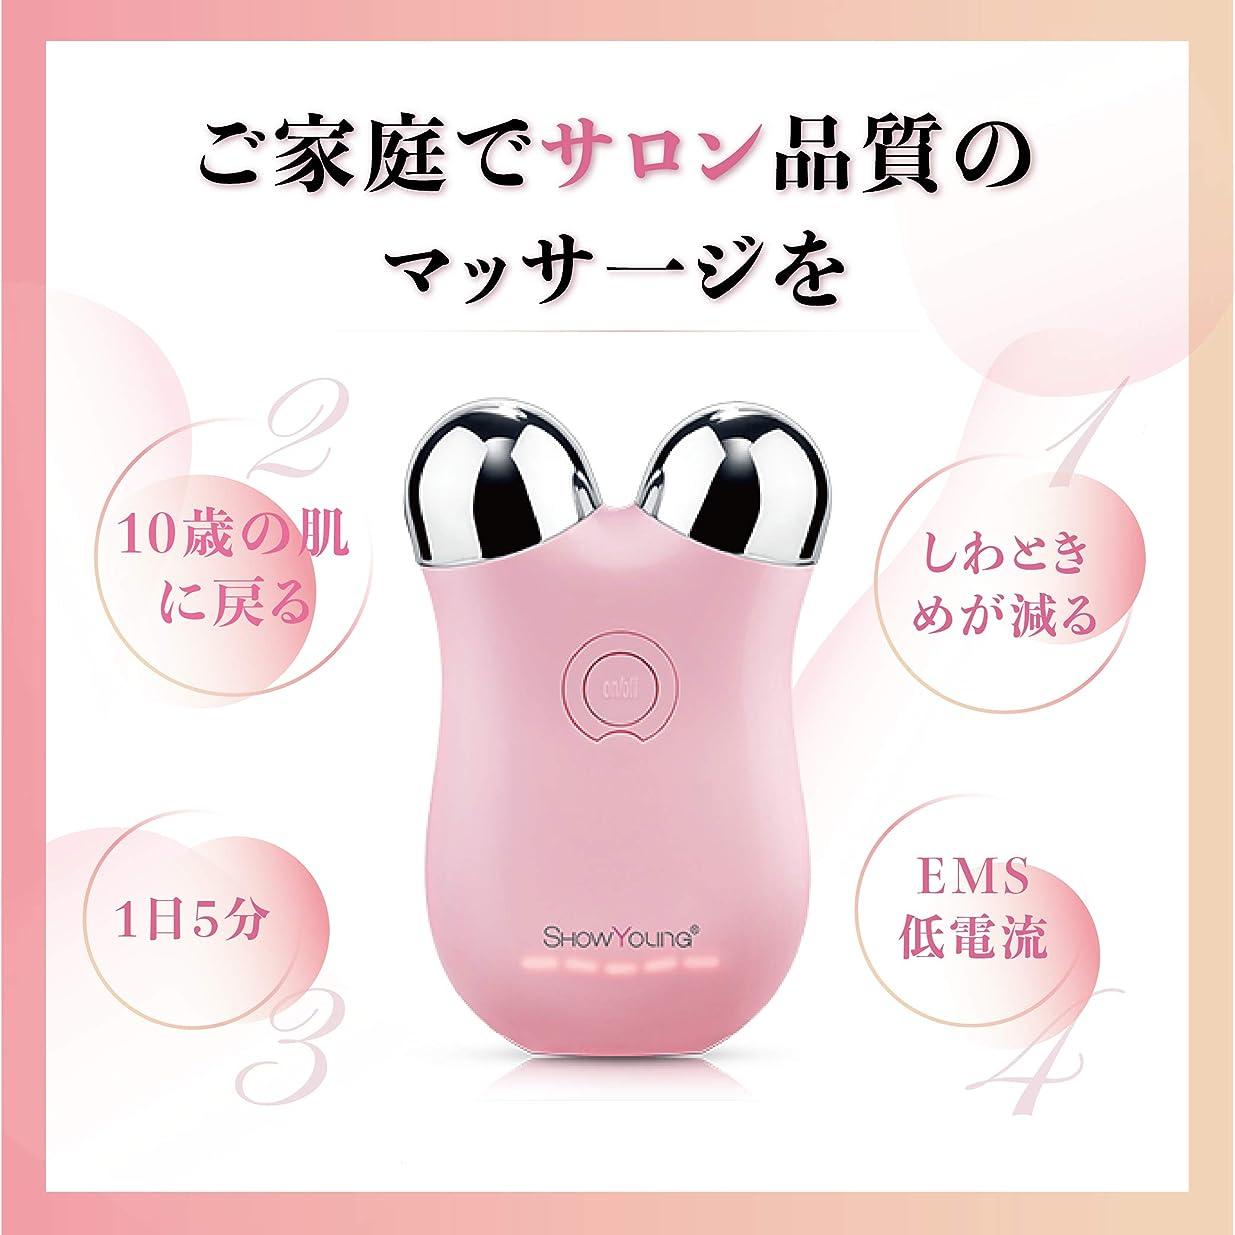 広げる暴君獣Showyoung 微小電流ミニ顔マッサージ器、顔の調色装置、しわと細紋の減少、皮膚、リンパのマッサージ、調整の質、2年の品質の保証に用いる。